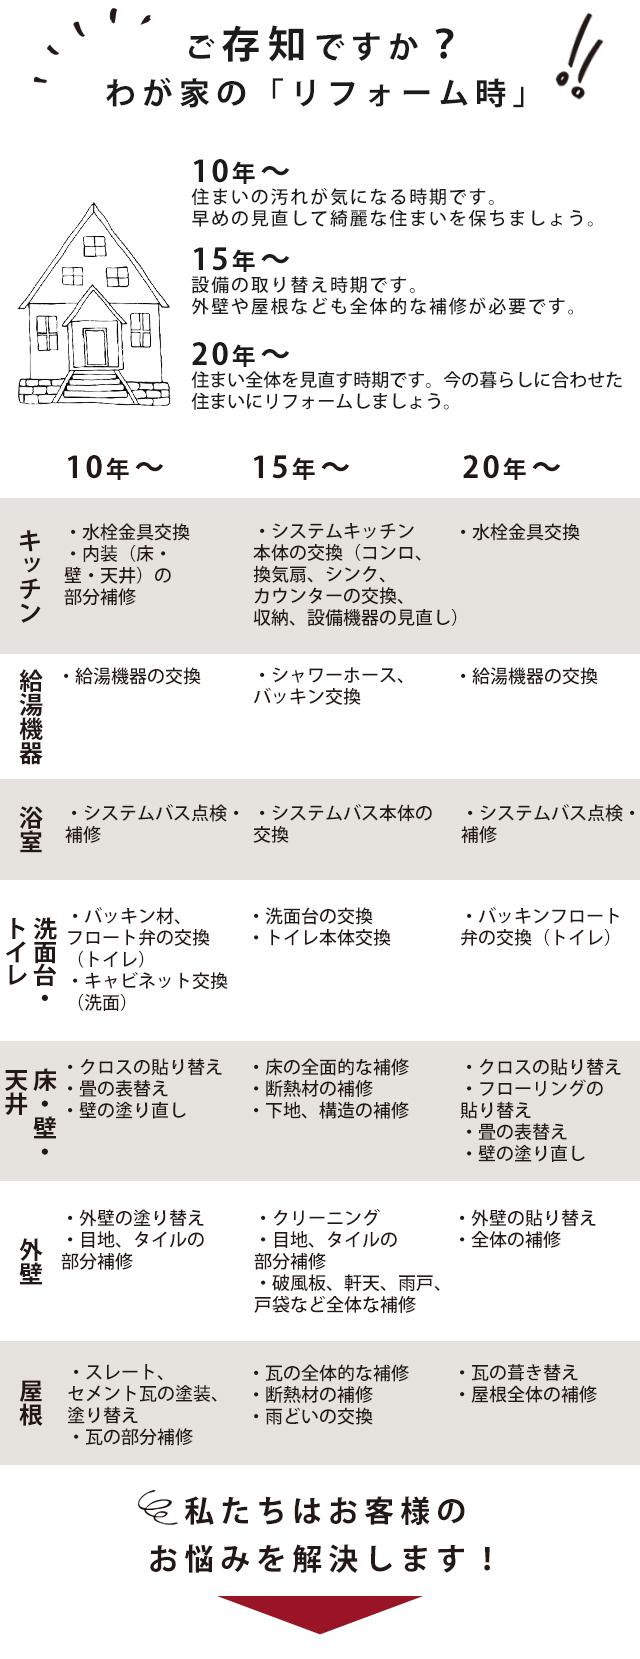 リフォーム工事一年間の目安|リビングショップ|リフォームを奈良でするなら